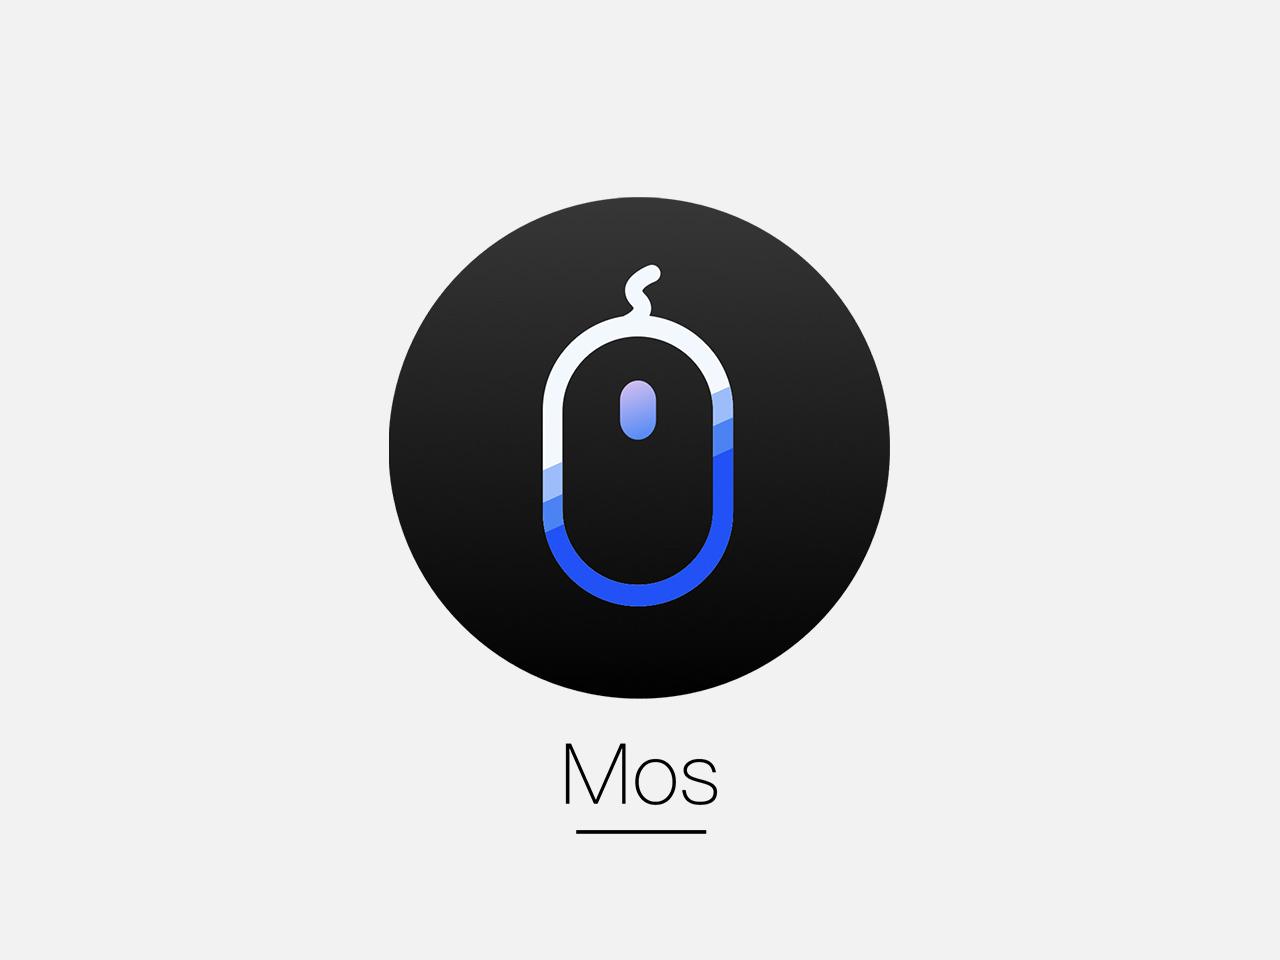 一款相见恨晚的完全免费开源Mac鼠标操作神器 - Mos